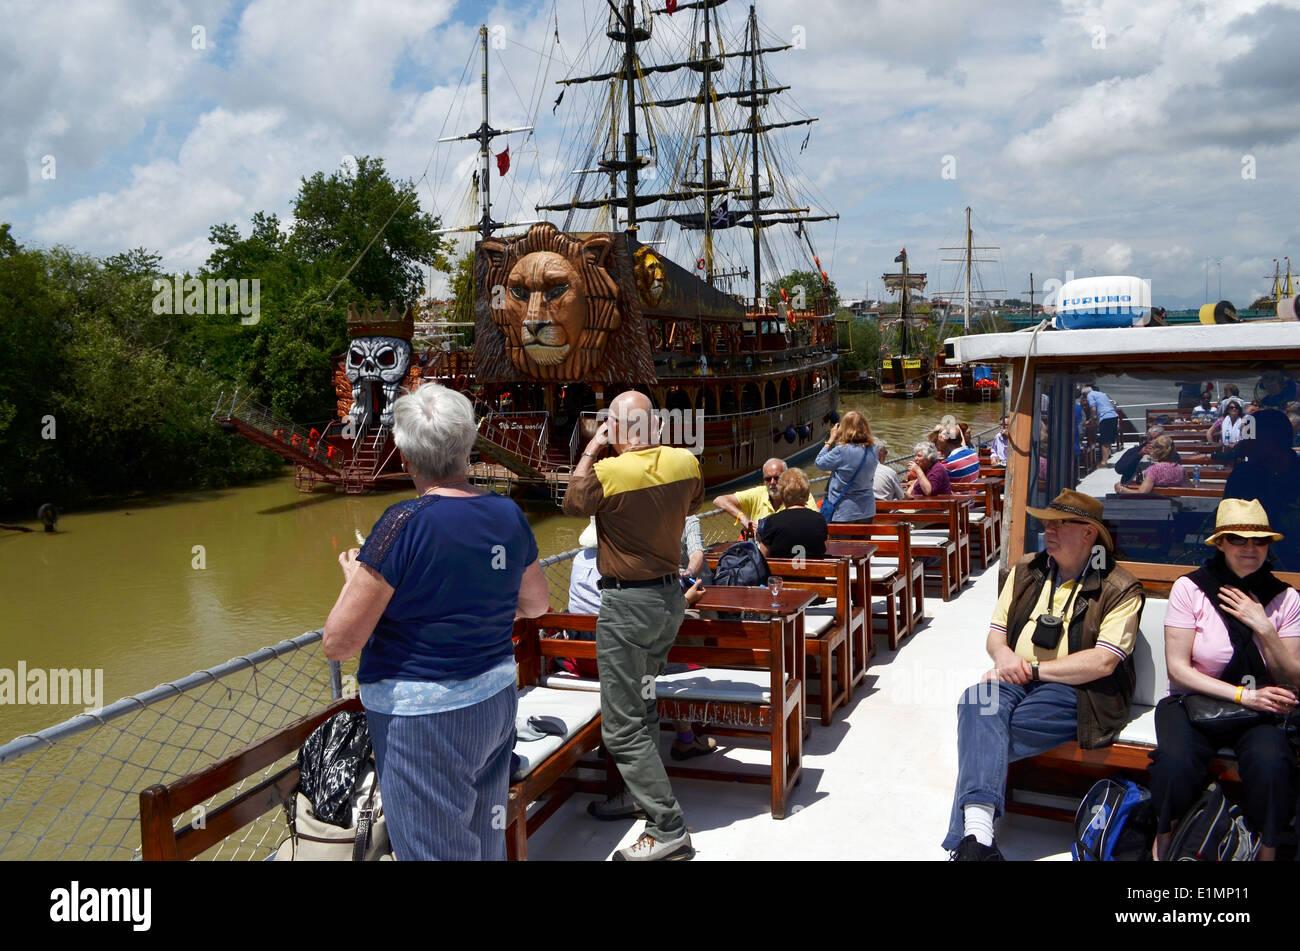 Gita in barca con pranzo a bordo, modo di trascorrere del tempo in Antalya. Le barche sono decorate come navi pirata. Immagini Stock